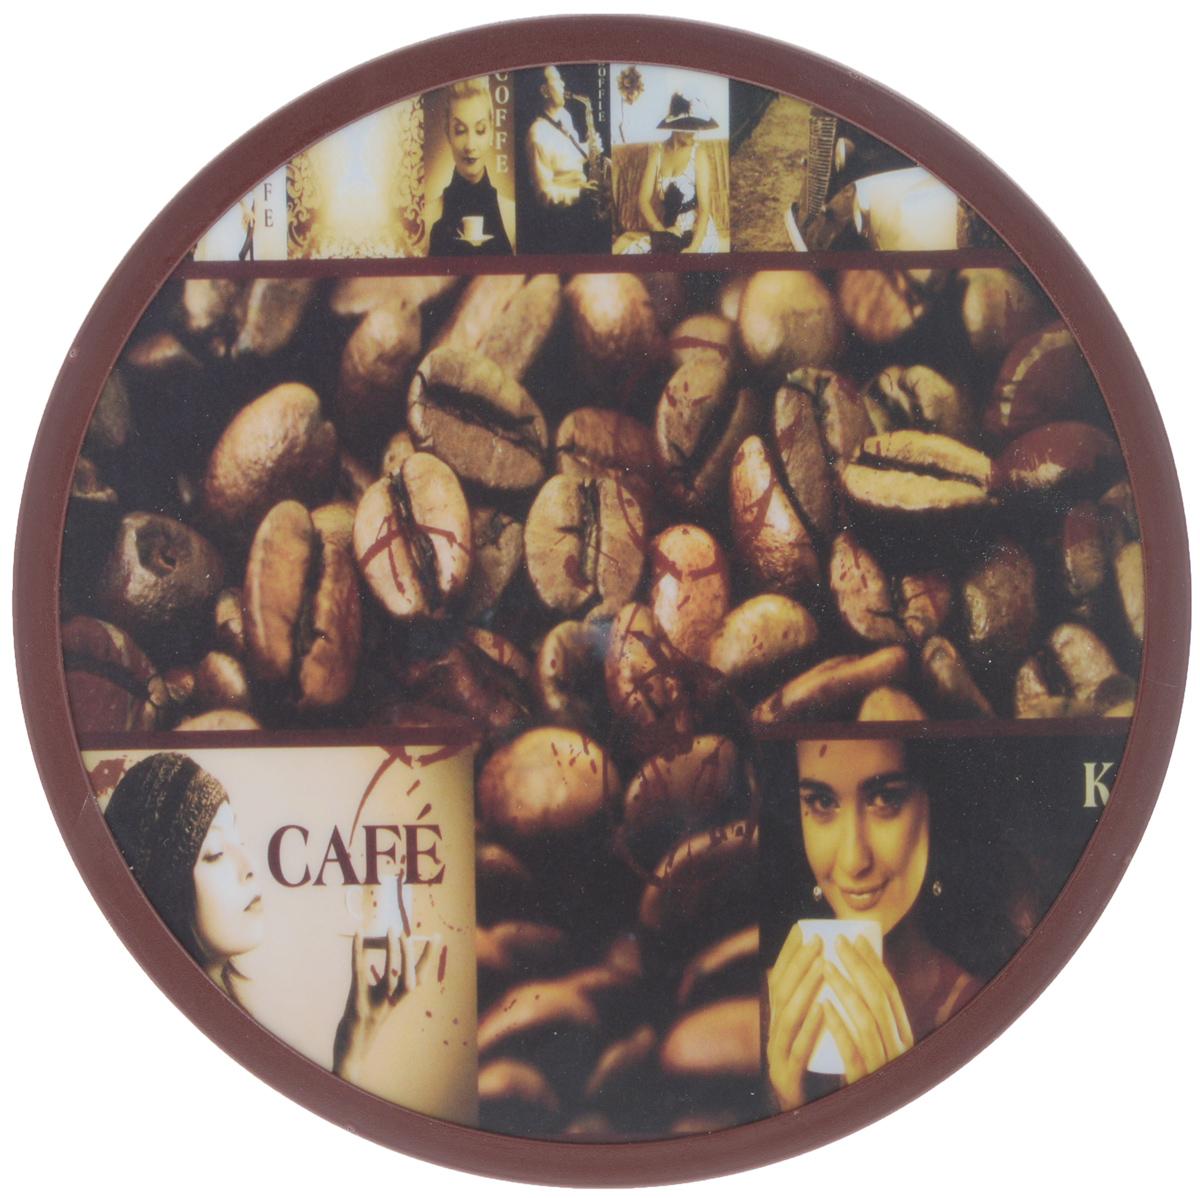 Доска разделочная Mayer & Boch Cafe, вращающаяся, 30 см25597Вращающаяся разделочная доска Mayer & Boch Cafe, выполненная из высококачественного пластика и дерева, станет незаменимым аксессуаром на вашей кухне. Доска декорирована красочными рисунками и надписями. Антибактериальное покрытие защищает от плесени, грибков и неприятных запахов. Изделие предназначено для измельчения продуктов. Доска вращается на 360°, что делает ее еще и отличным аксессуаром для сервировки пищи. Такая доска прекрасно впишется в интерьер любой кухни и прослужит вам долгие годы. Диаметр доски: 30 см. Диаметр основания: 18 см. Высота: 4 см.